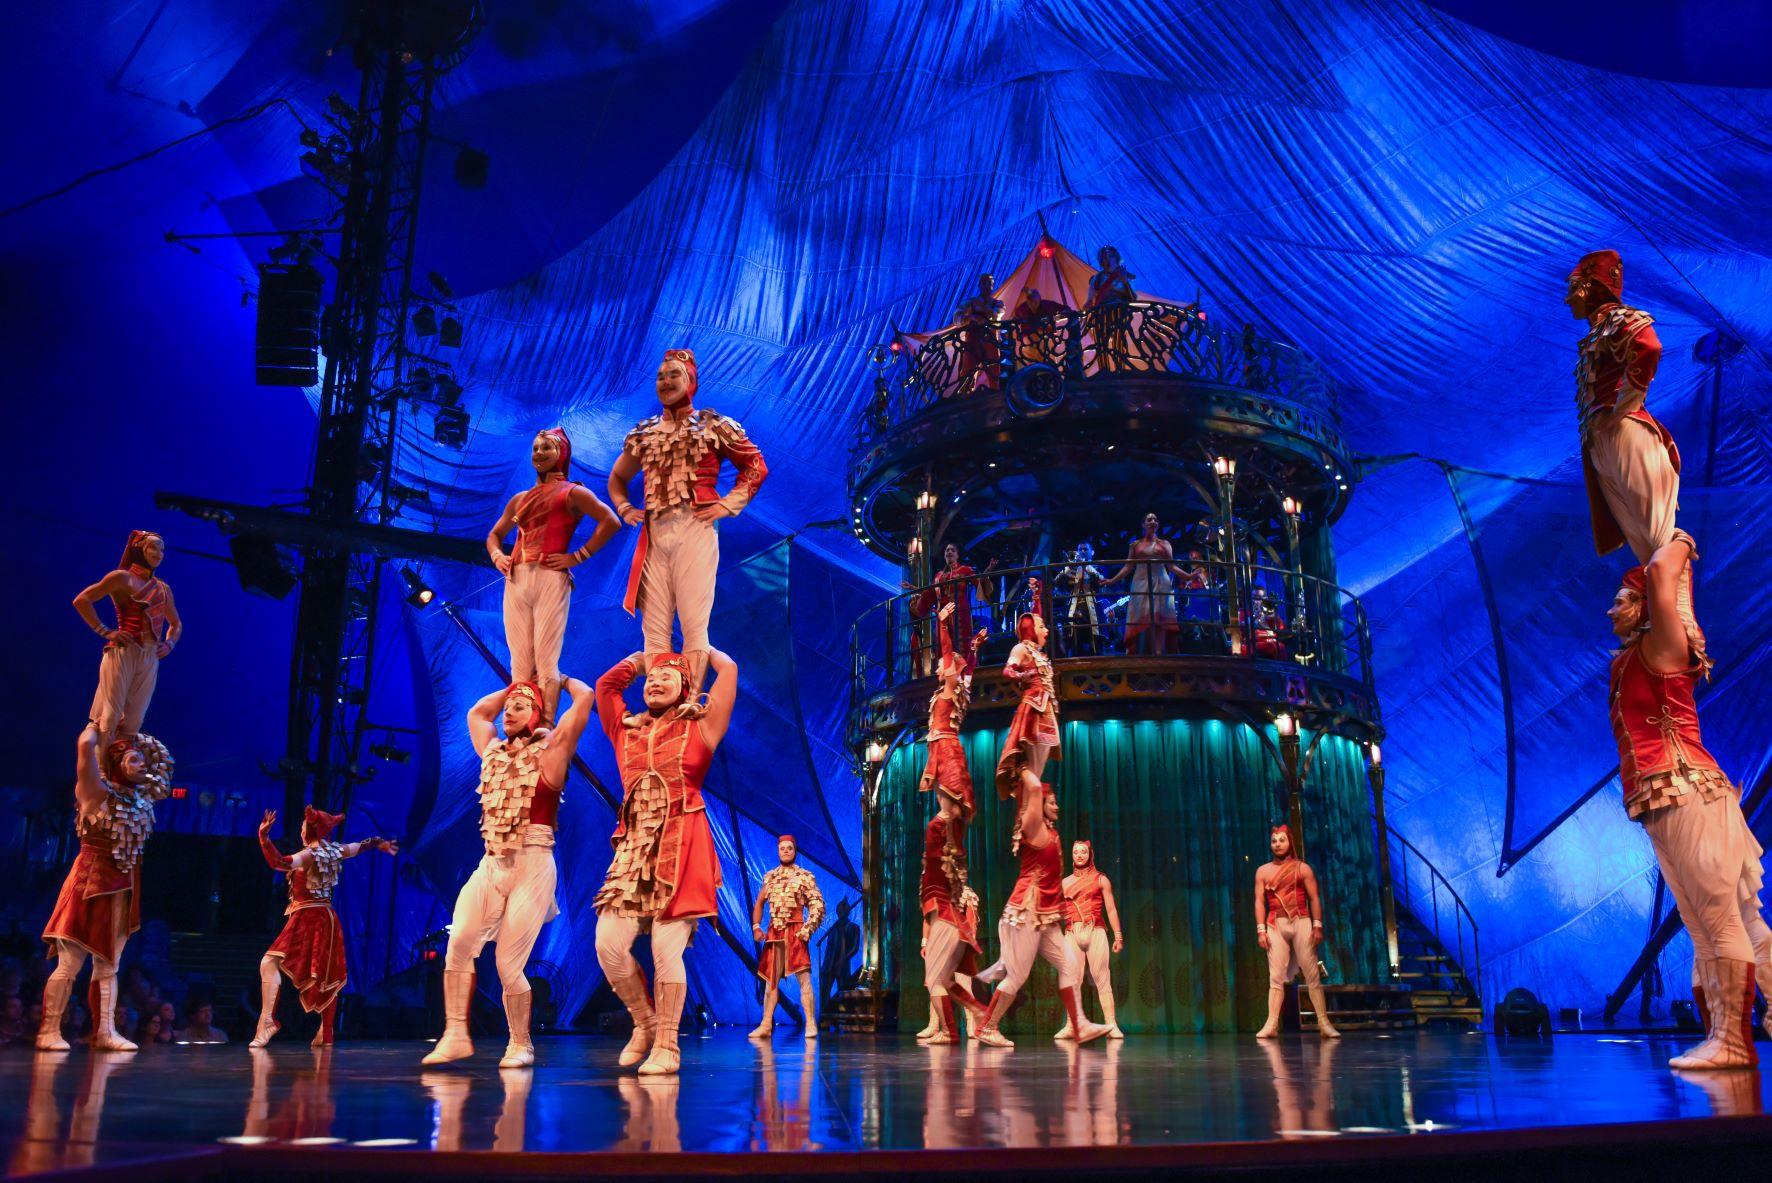 Kooza de Cirque du Soleil.